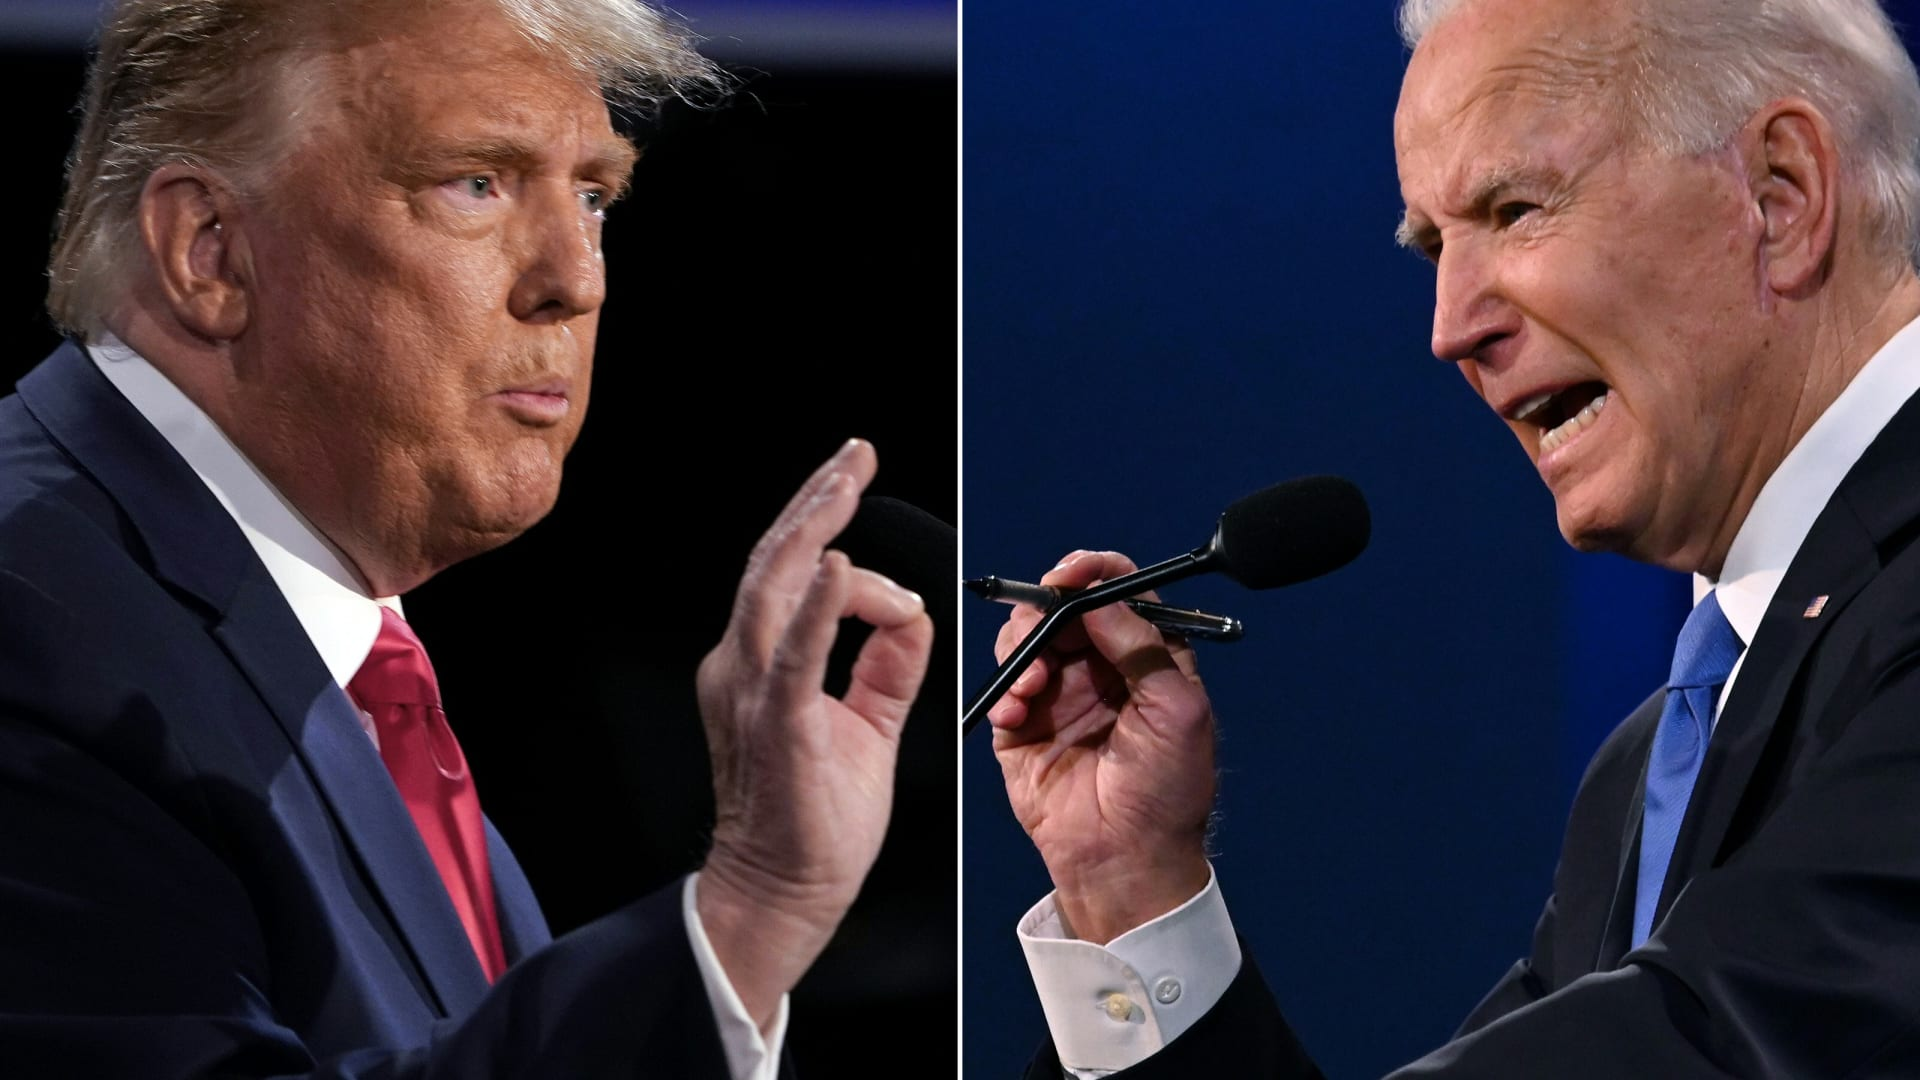 محلل لـCNN: الانتخابات الأمريكية 2020 قلبت التوقعات